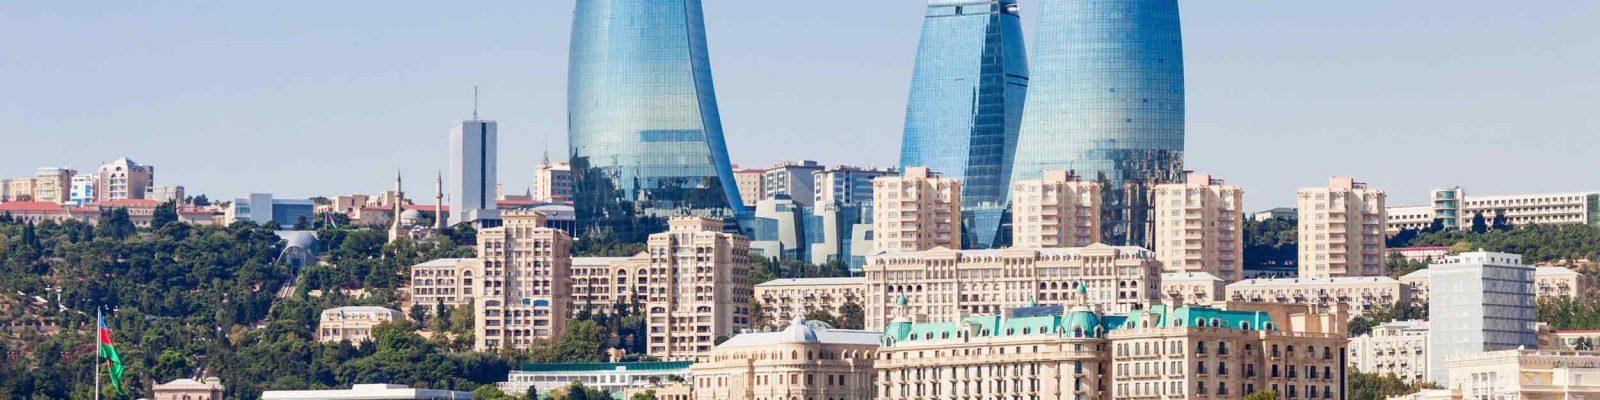 Vista dei grattacieli di Baku in Azerbaigian